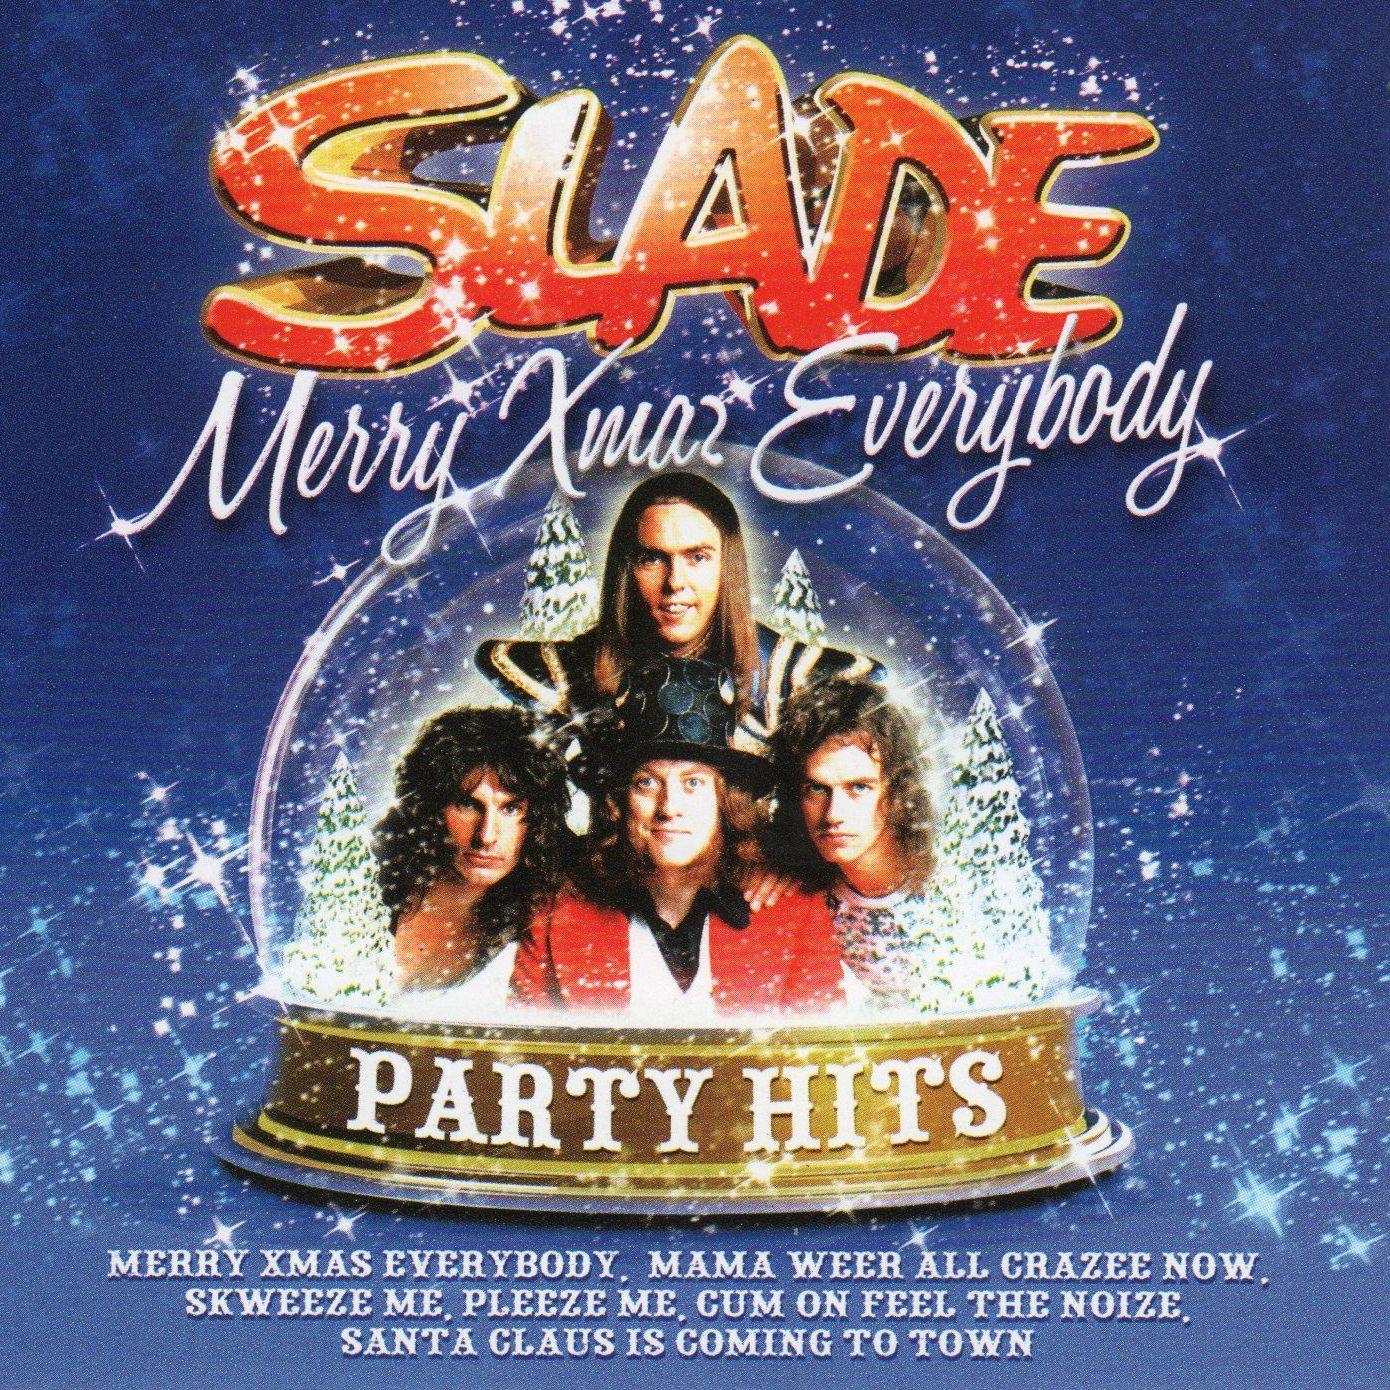 Merry Xmas Everybody - Party Hits - Slade